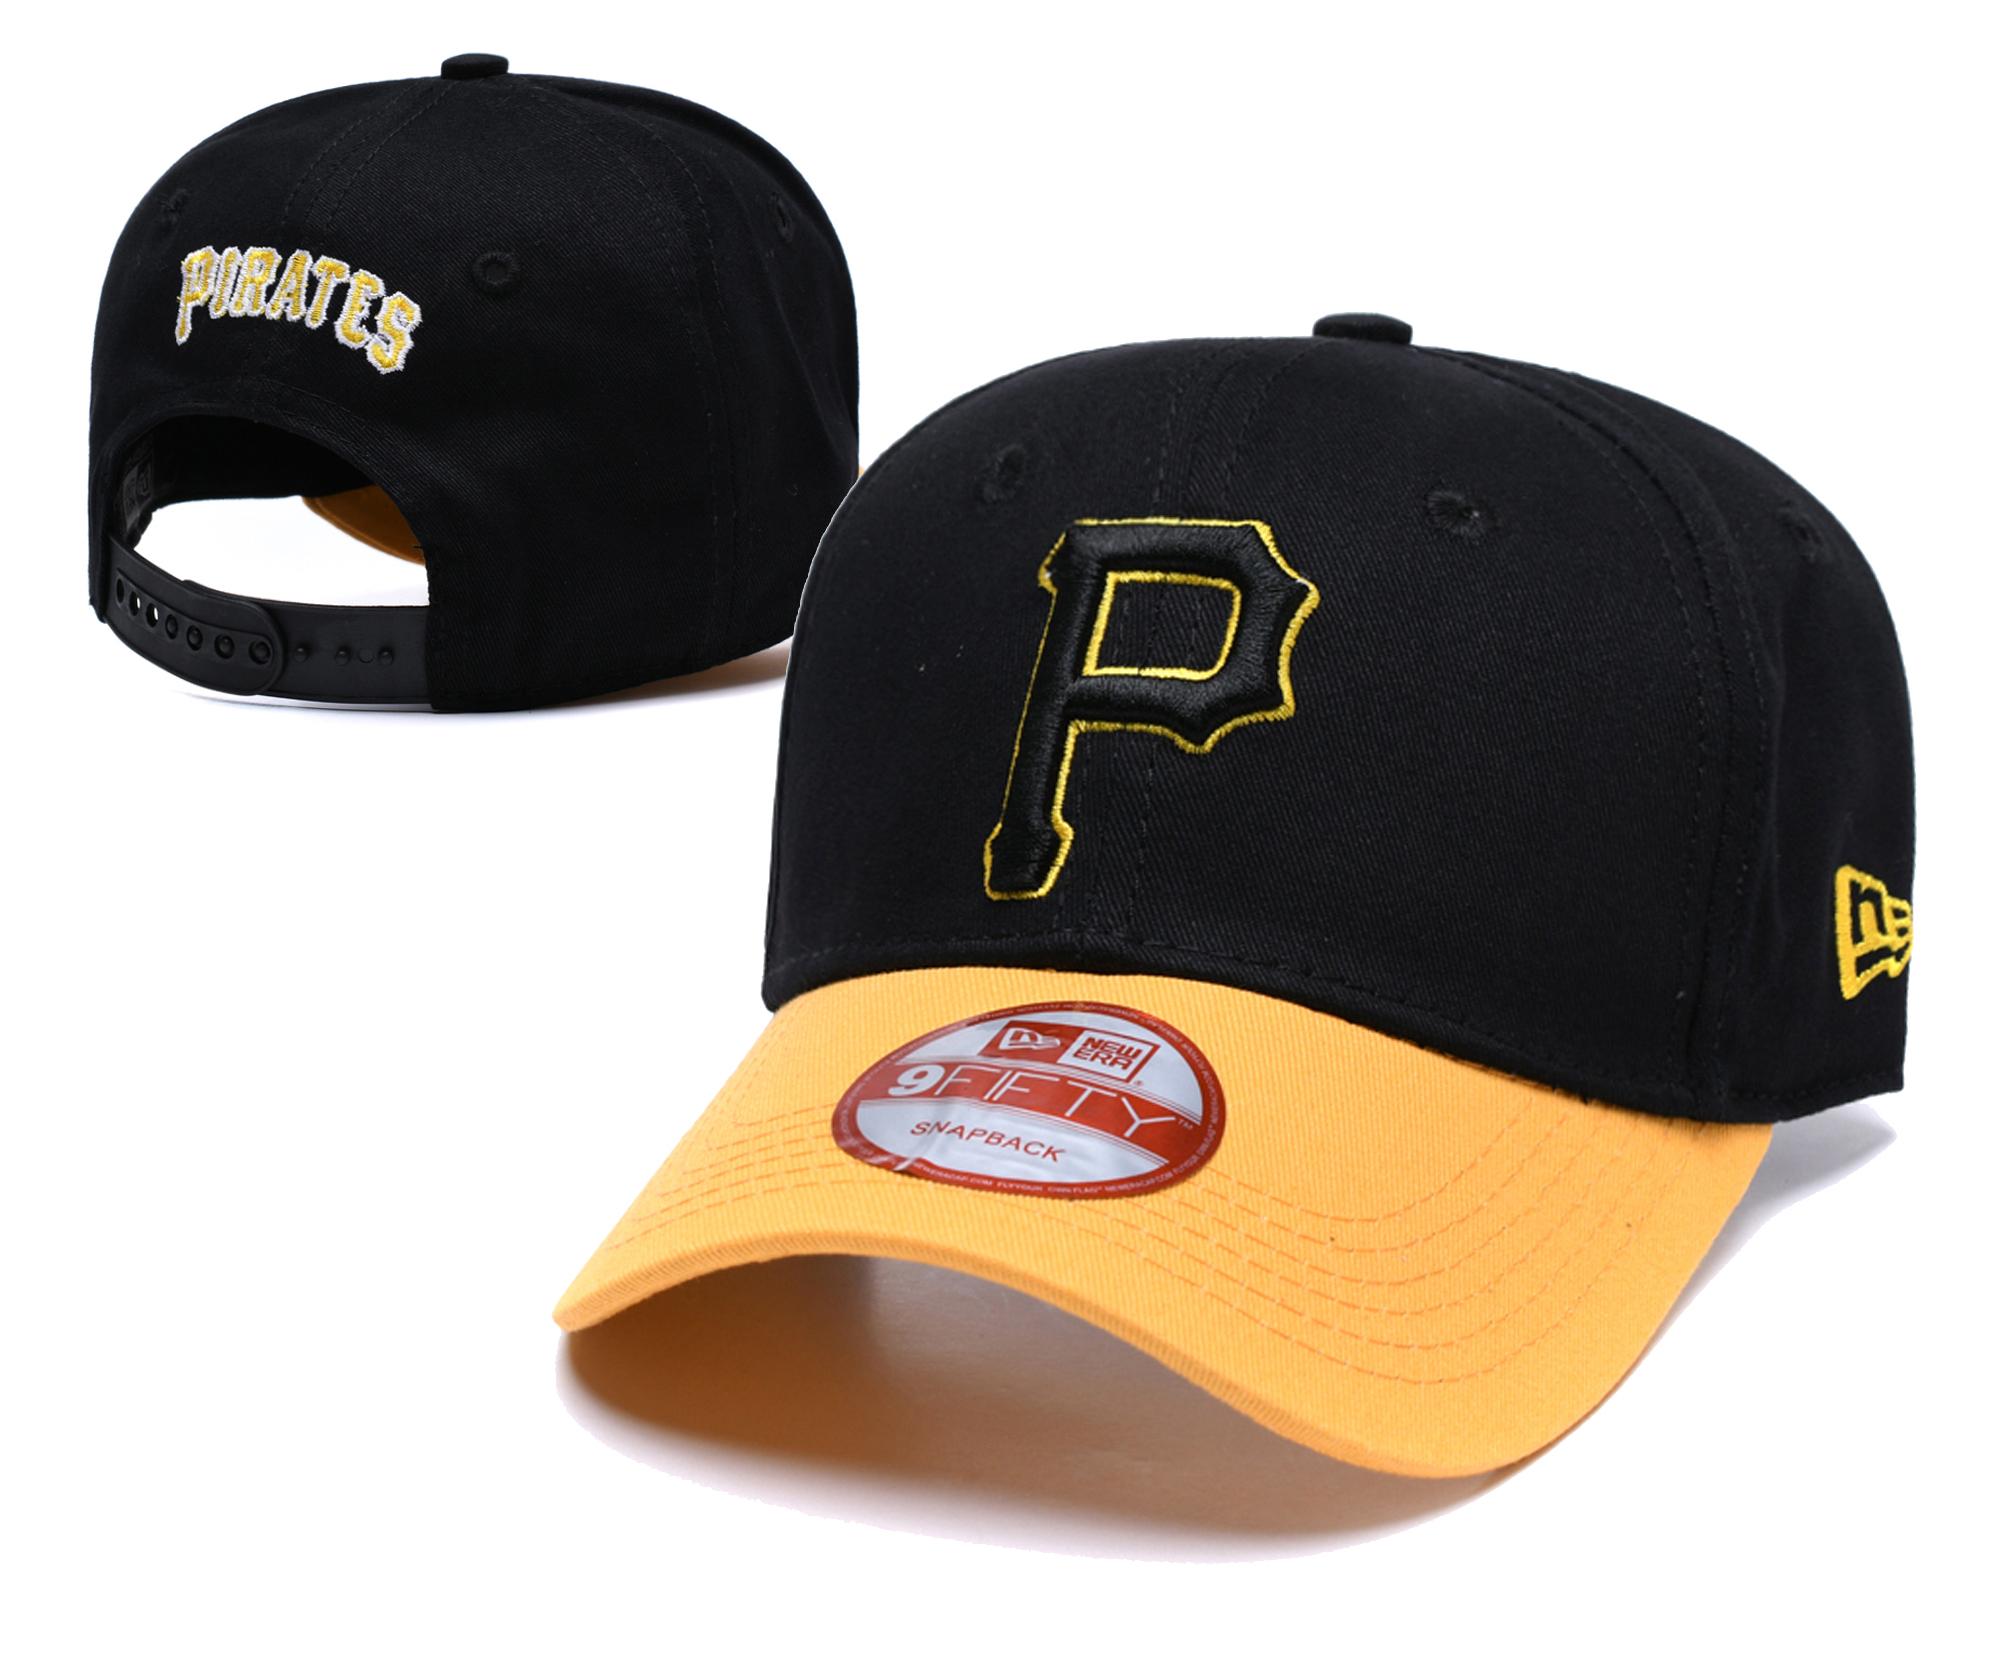 Pirates Fresh Logo Black Peaked Adjustable Hat TX